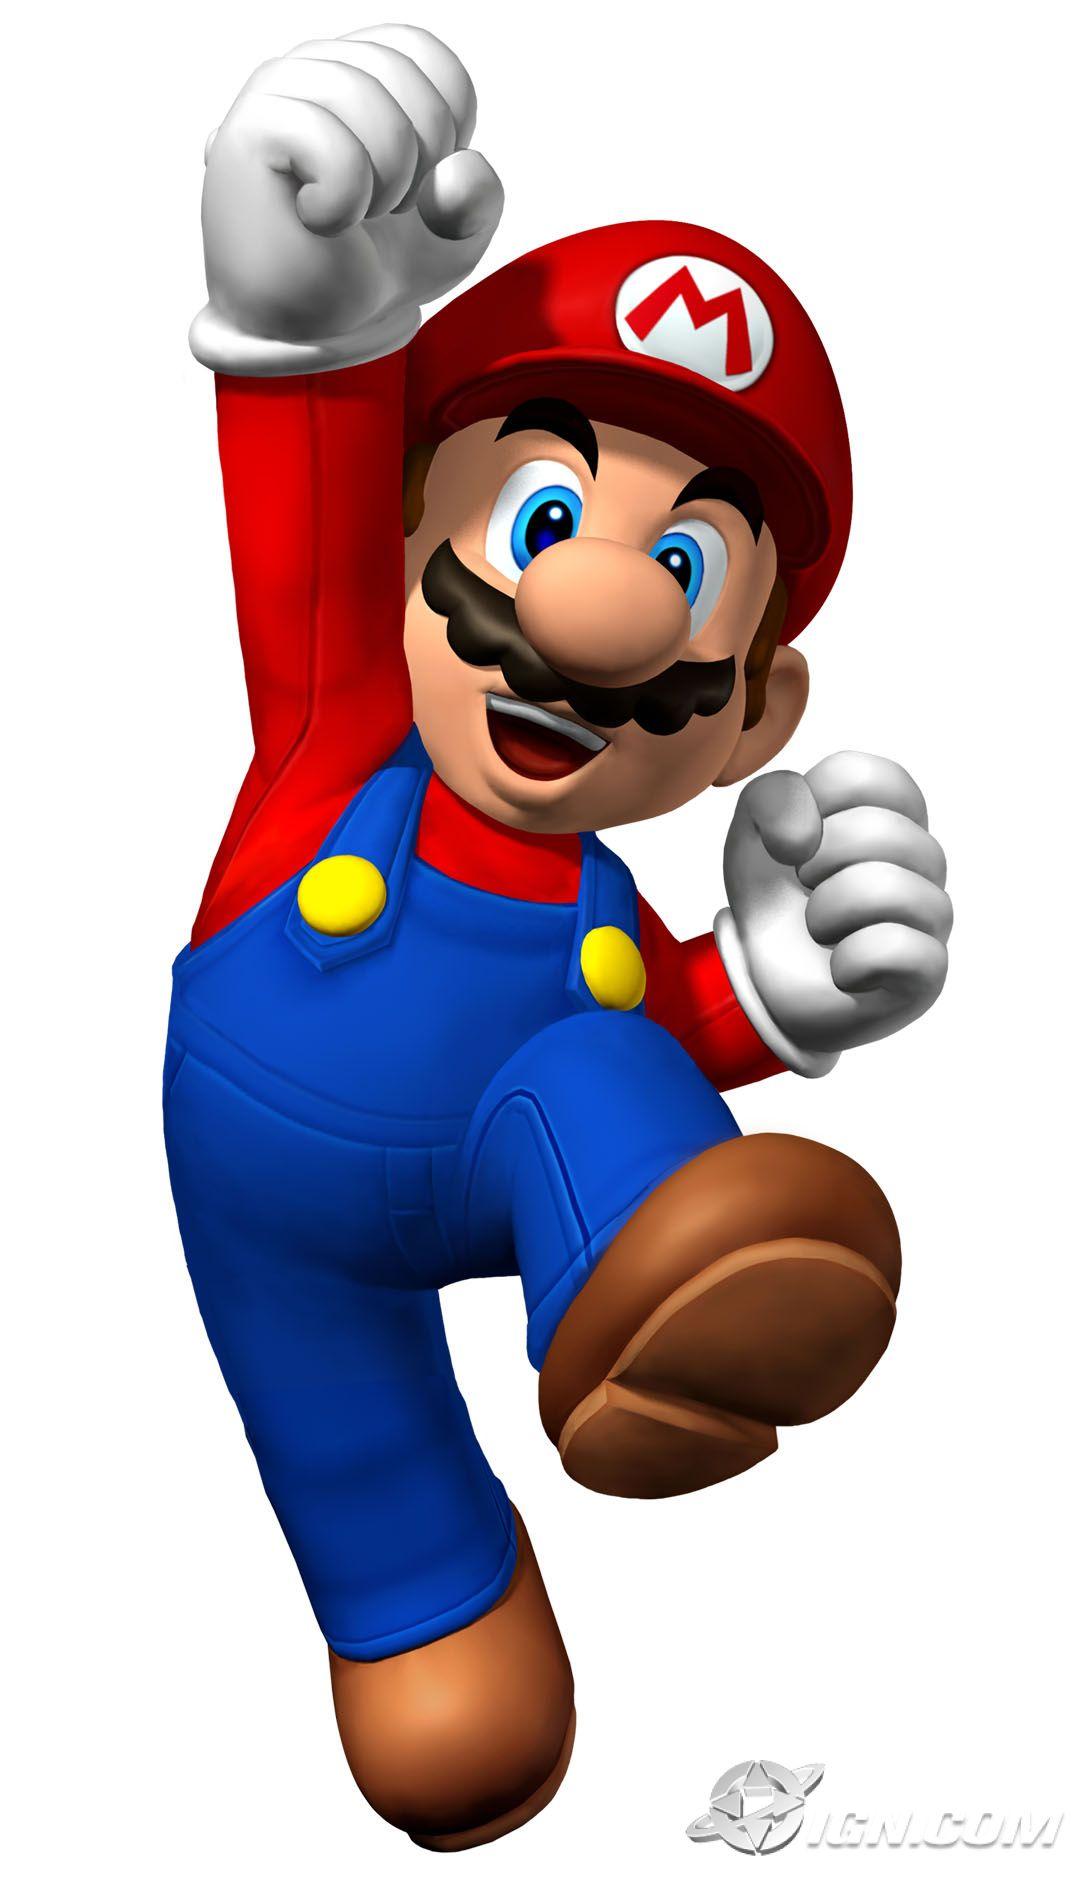 Super Mario Super-mario-bros